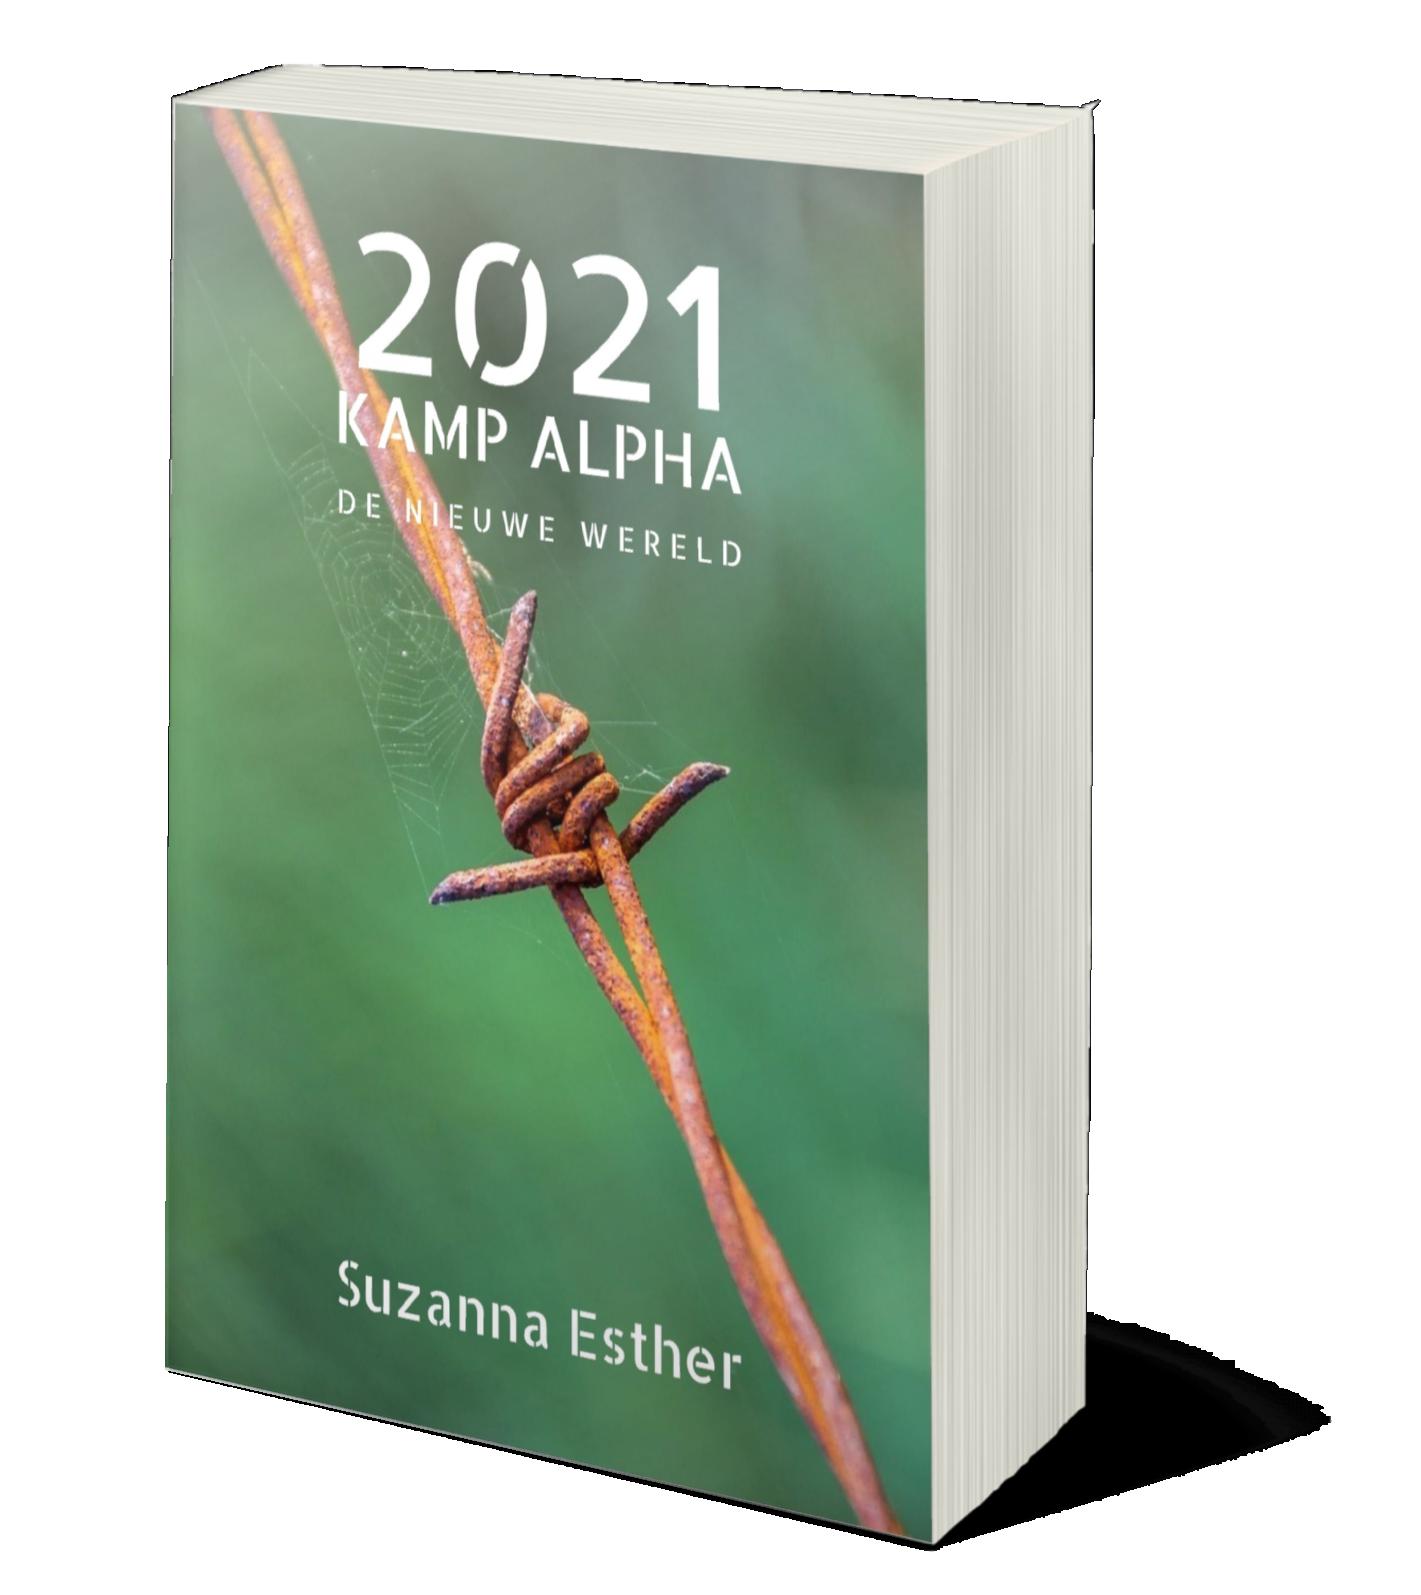 2021 Kamp Alpha – De Nieuwe Wereld